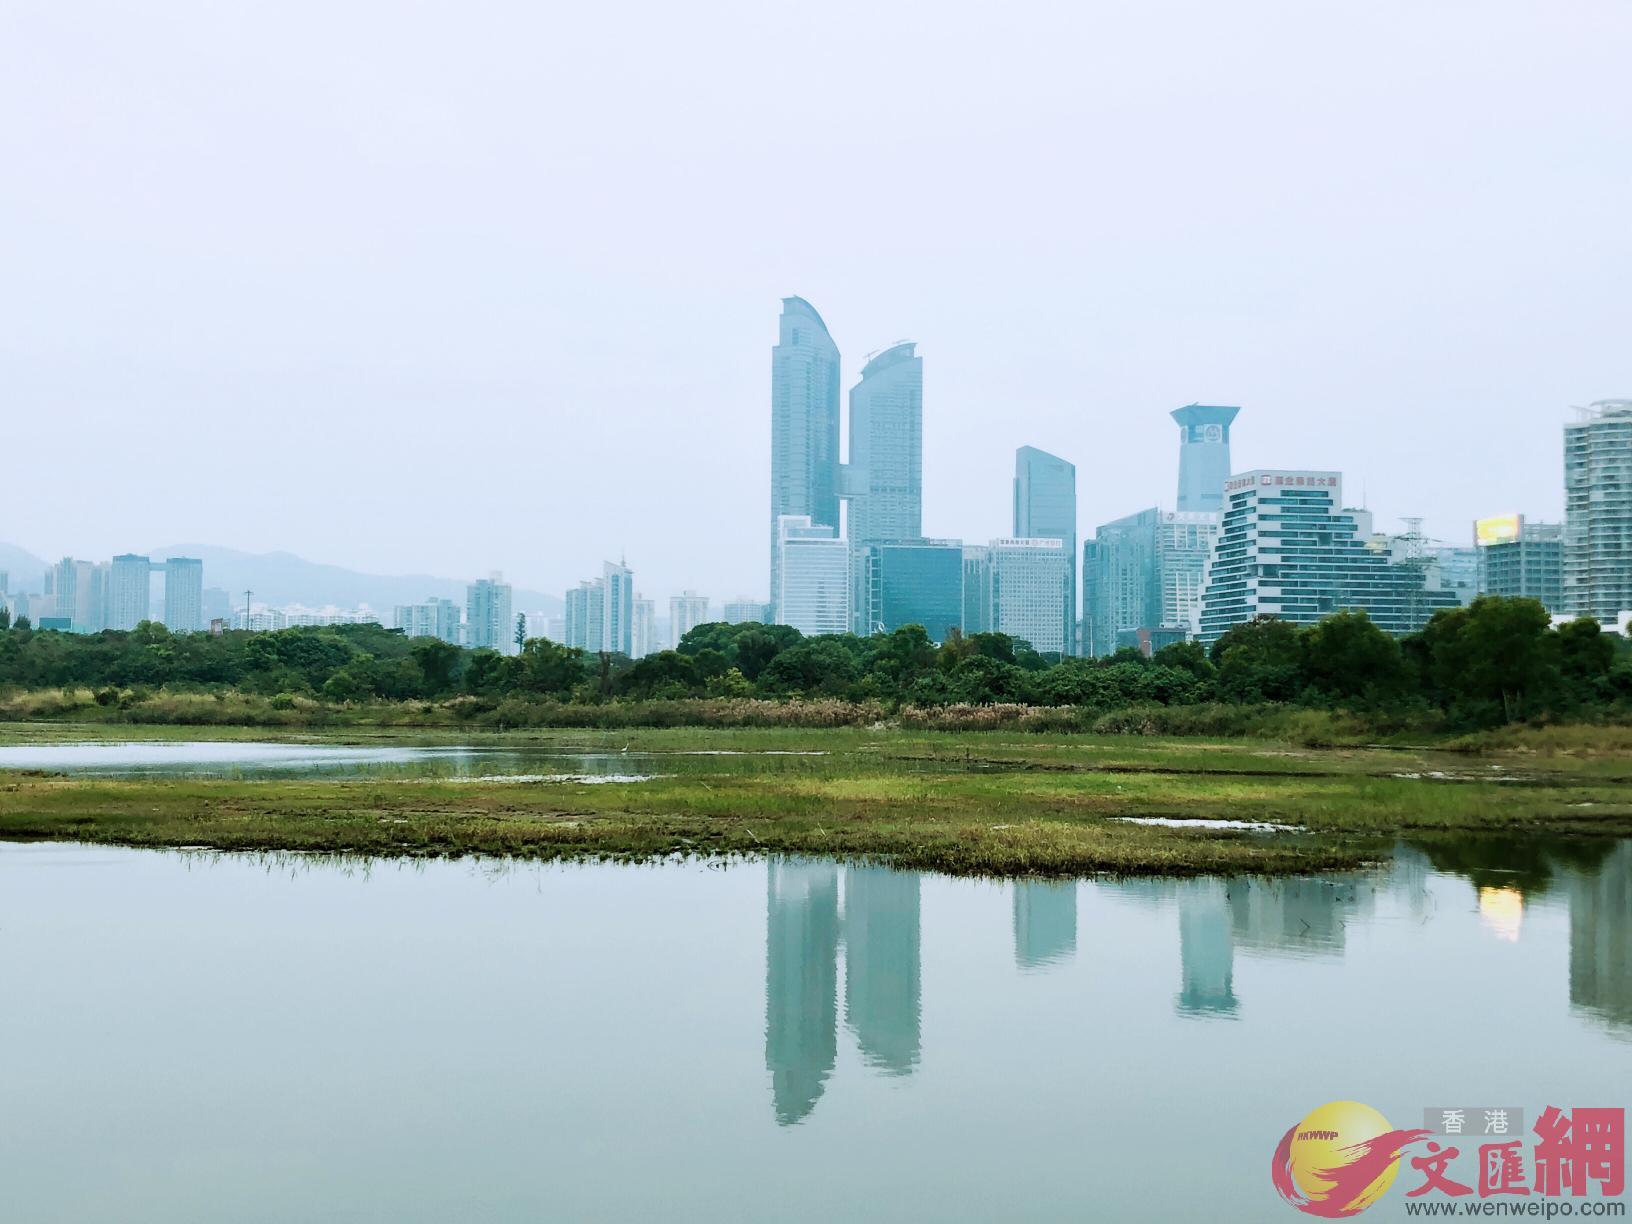 粵港澳大灣區擁有豐富的濱海濕地和水網濕地。(方俊明攝)